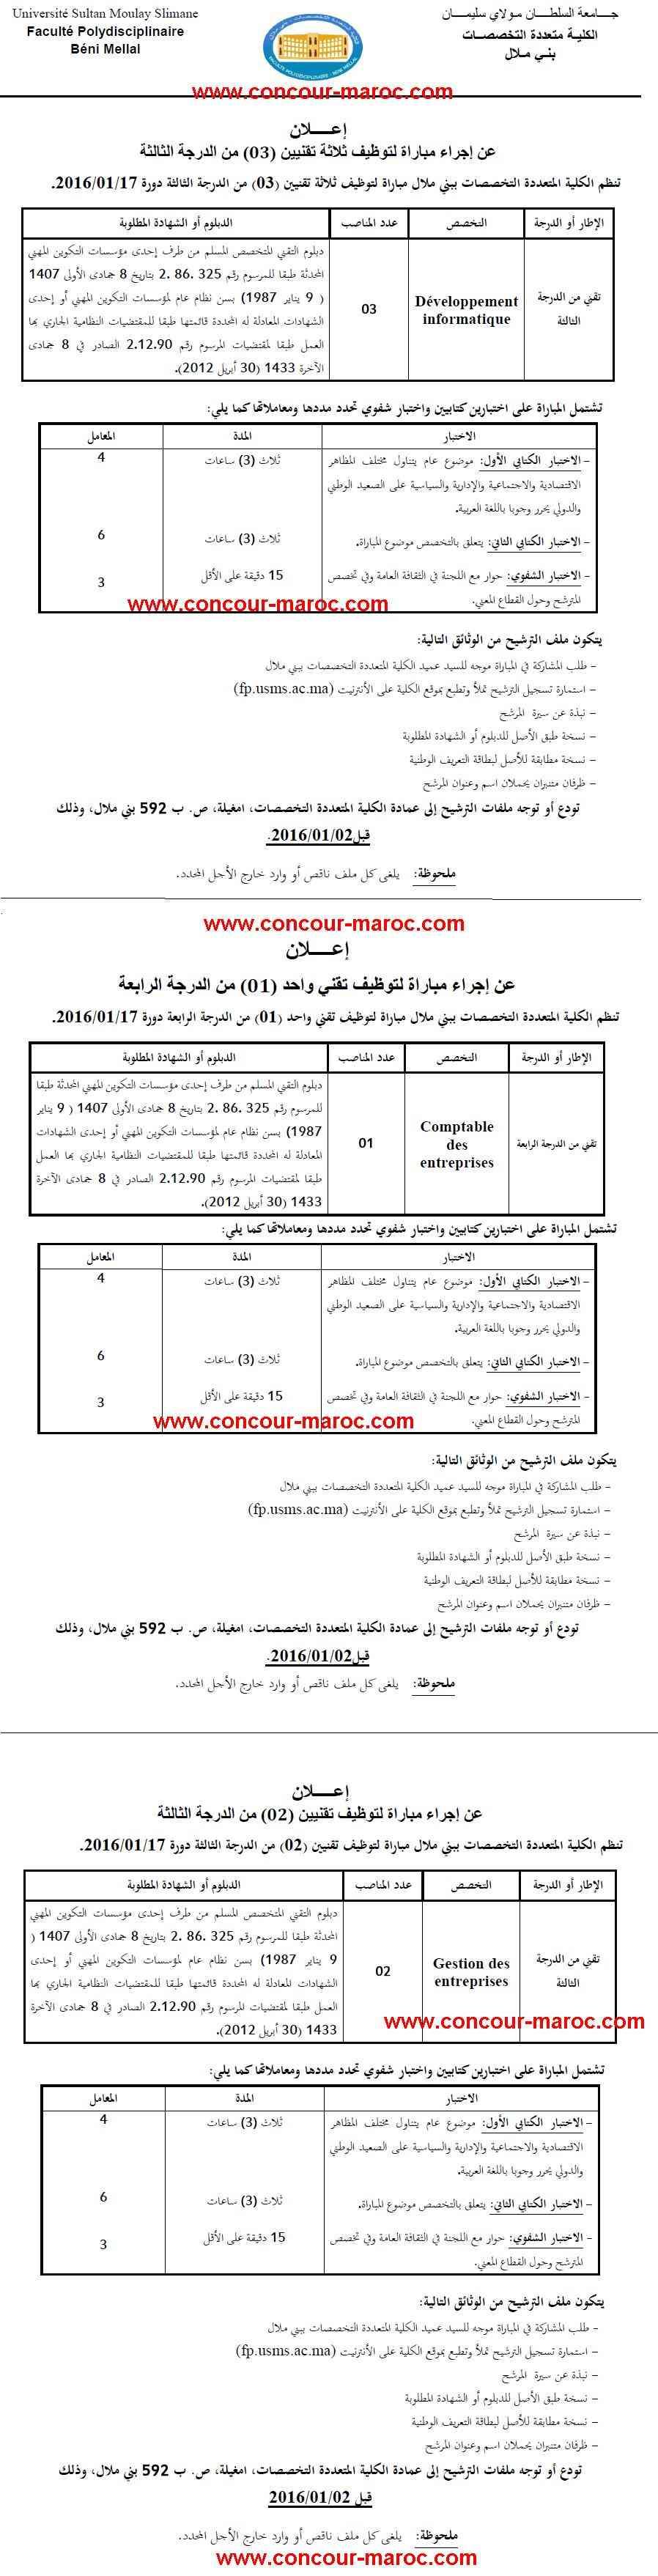 جامعة السلطان مولاي سليمان - بني ملال : مباراة لتوظيف تقني من الدرجة الثالثة (5 مناصب) و تقني من الدرجة الرابعة (1 منصب) آخر أجل لإيداع الترشيحات 2 يناير 2016 Concou42